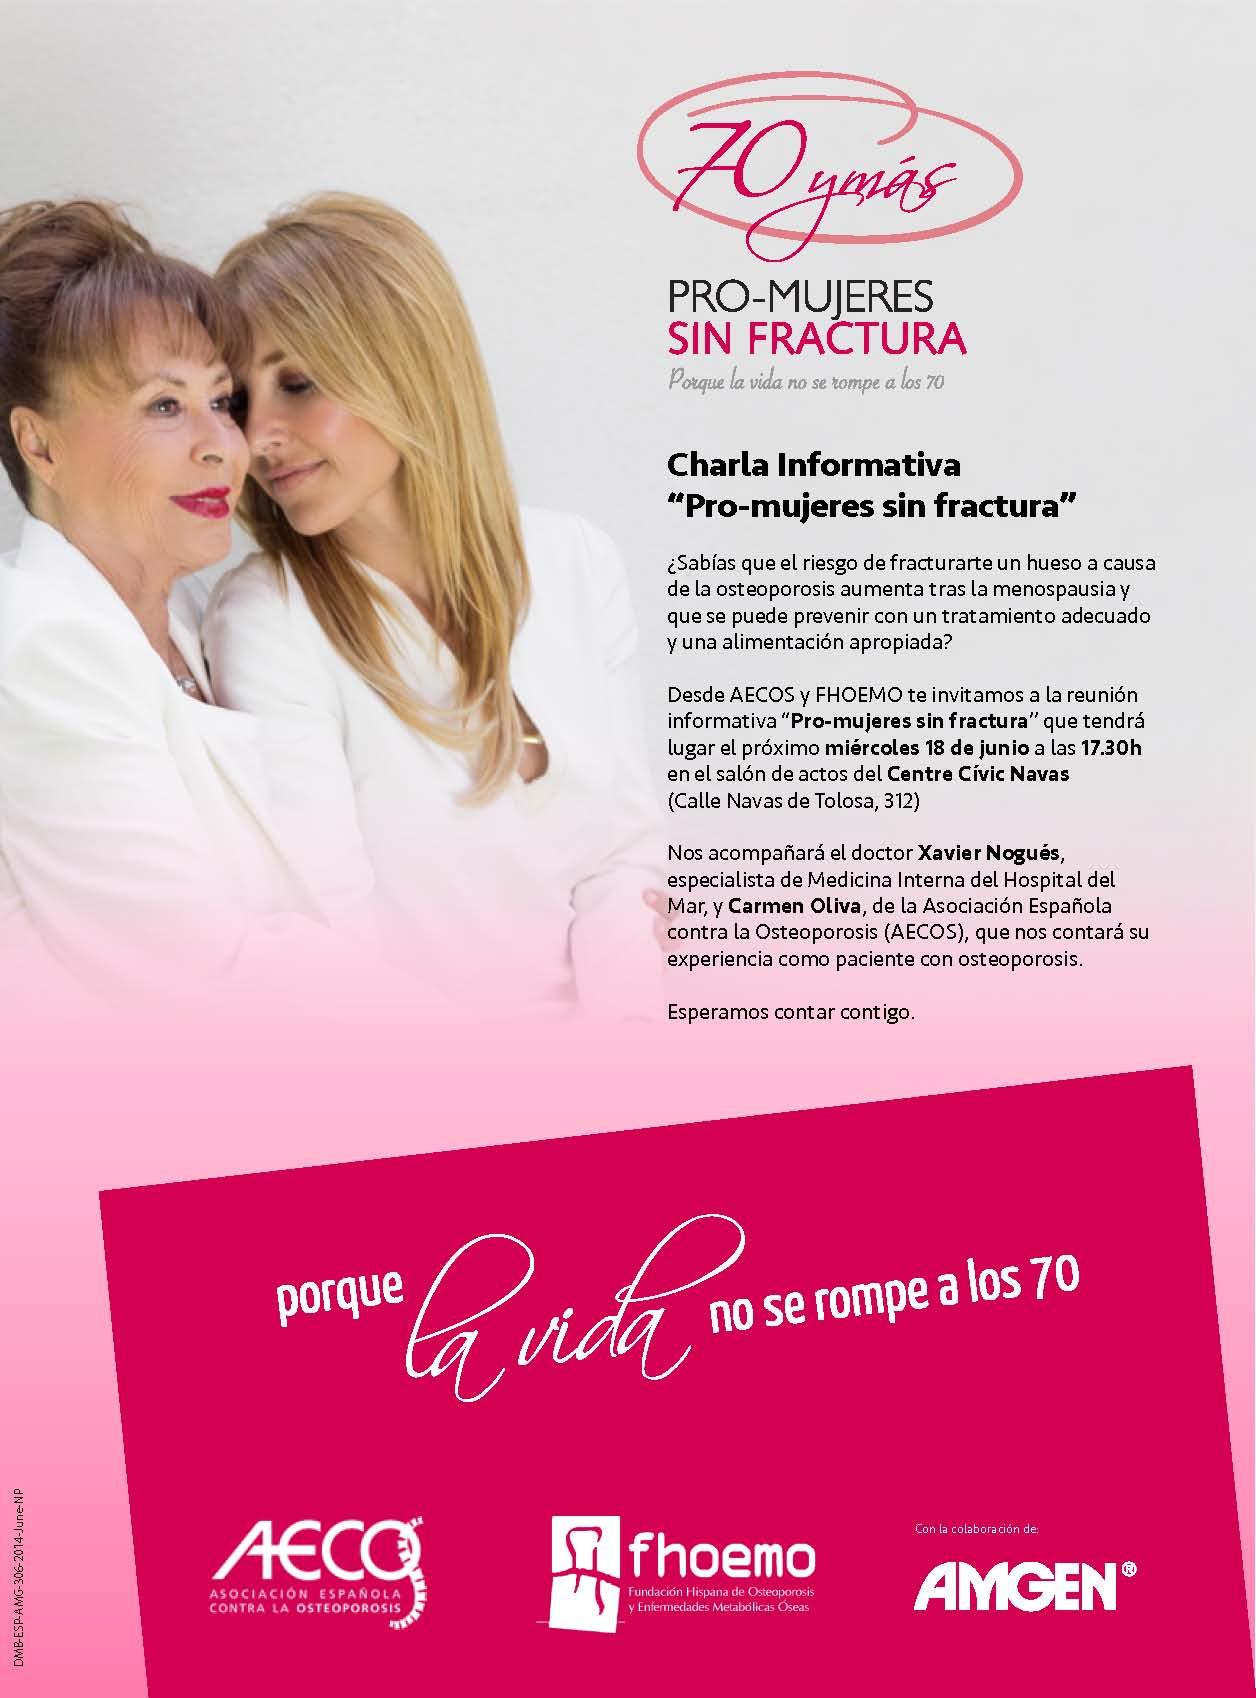 invitacion_Promujeres_Barcelona aecos fhoemo asaco